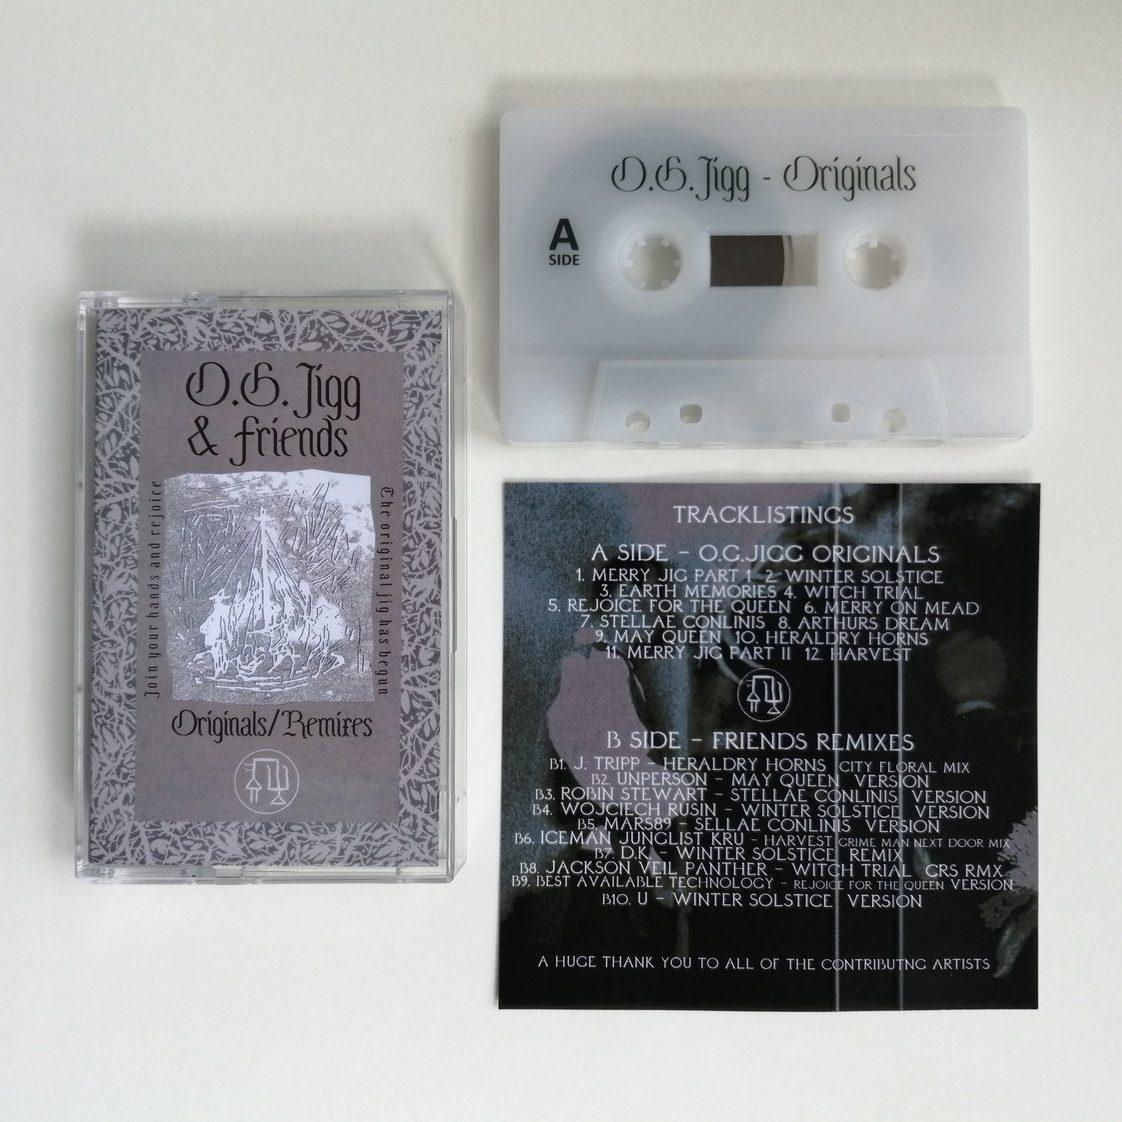 O.G. JIGG & FRIENDS – Originals / Remixes